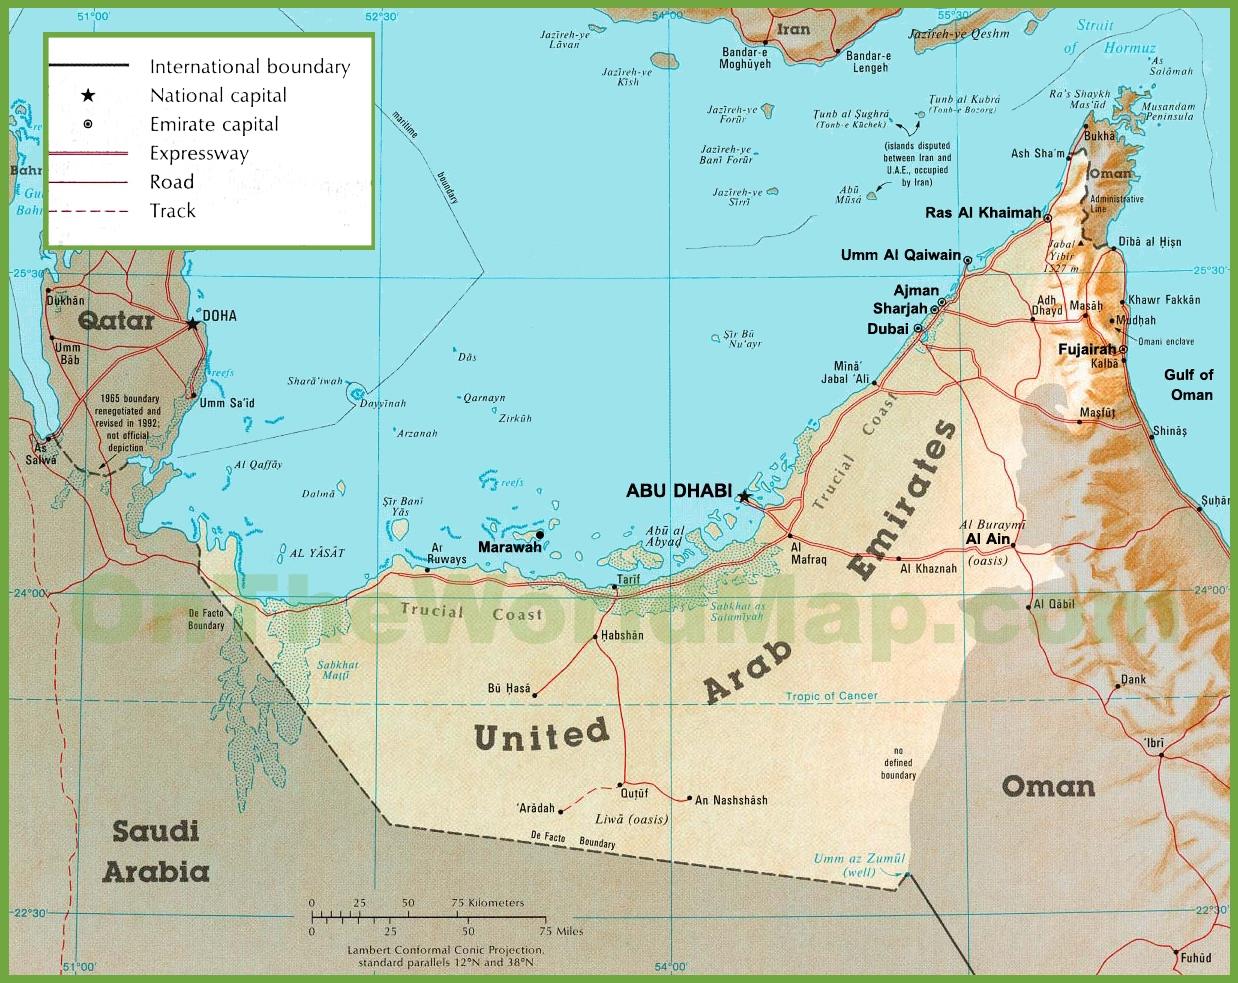 خريطة الامارات التفصيلية المرسال